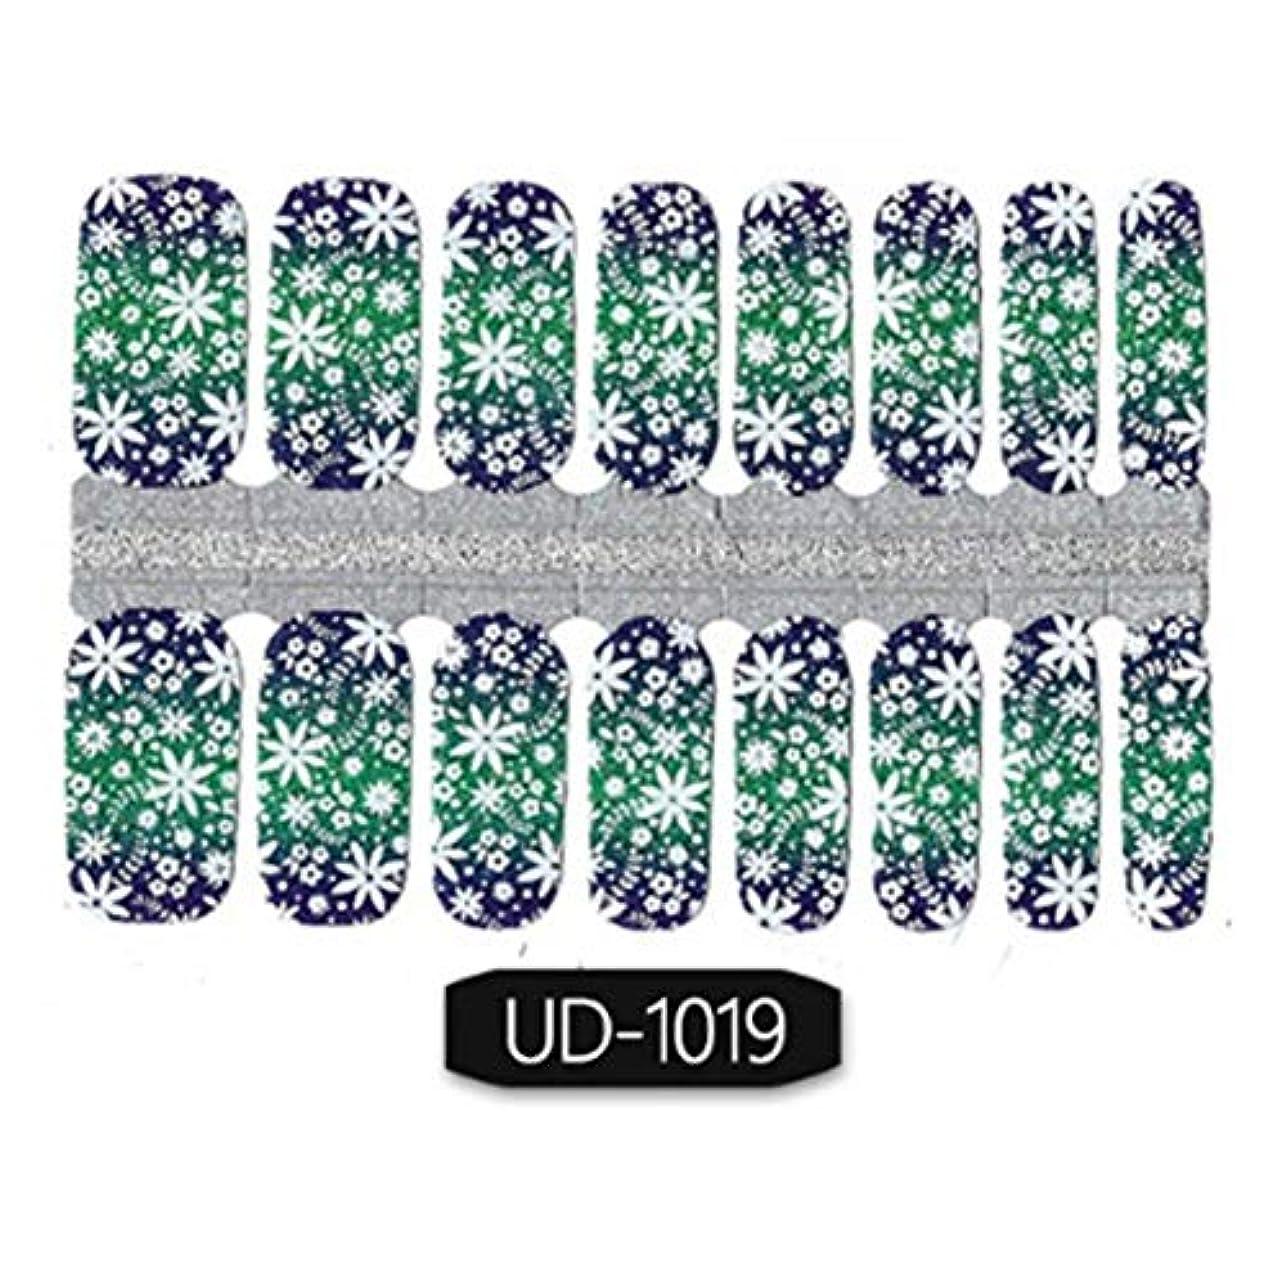 胚はさみアーティファクトACHICOO ネイルシール ステッカー セット 16パターン クリスマス 粘着紙 デコレーション 超可愛い オシャレ UD-1019 通常の仕様